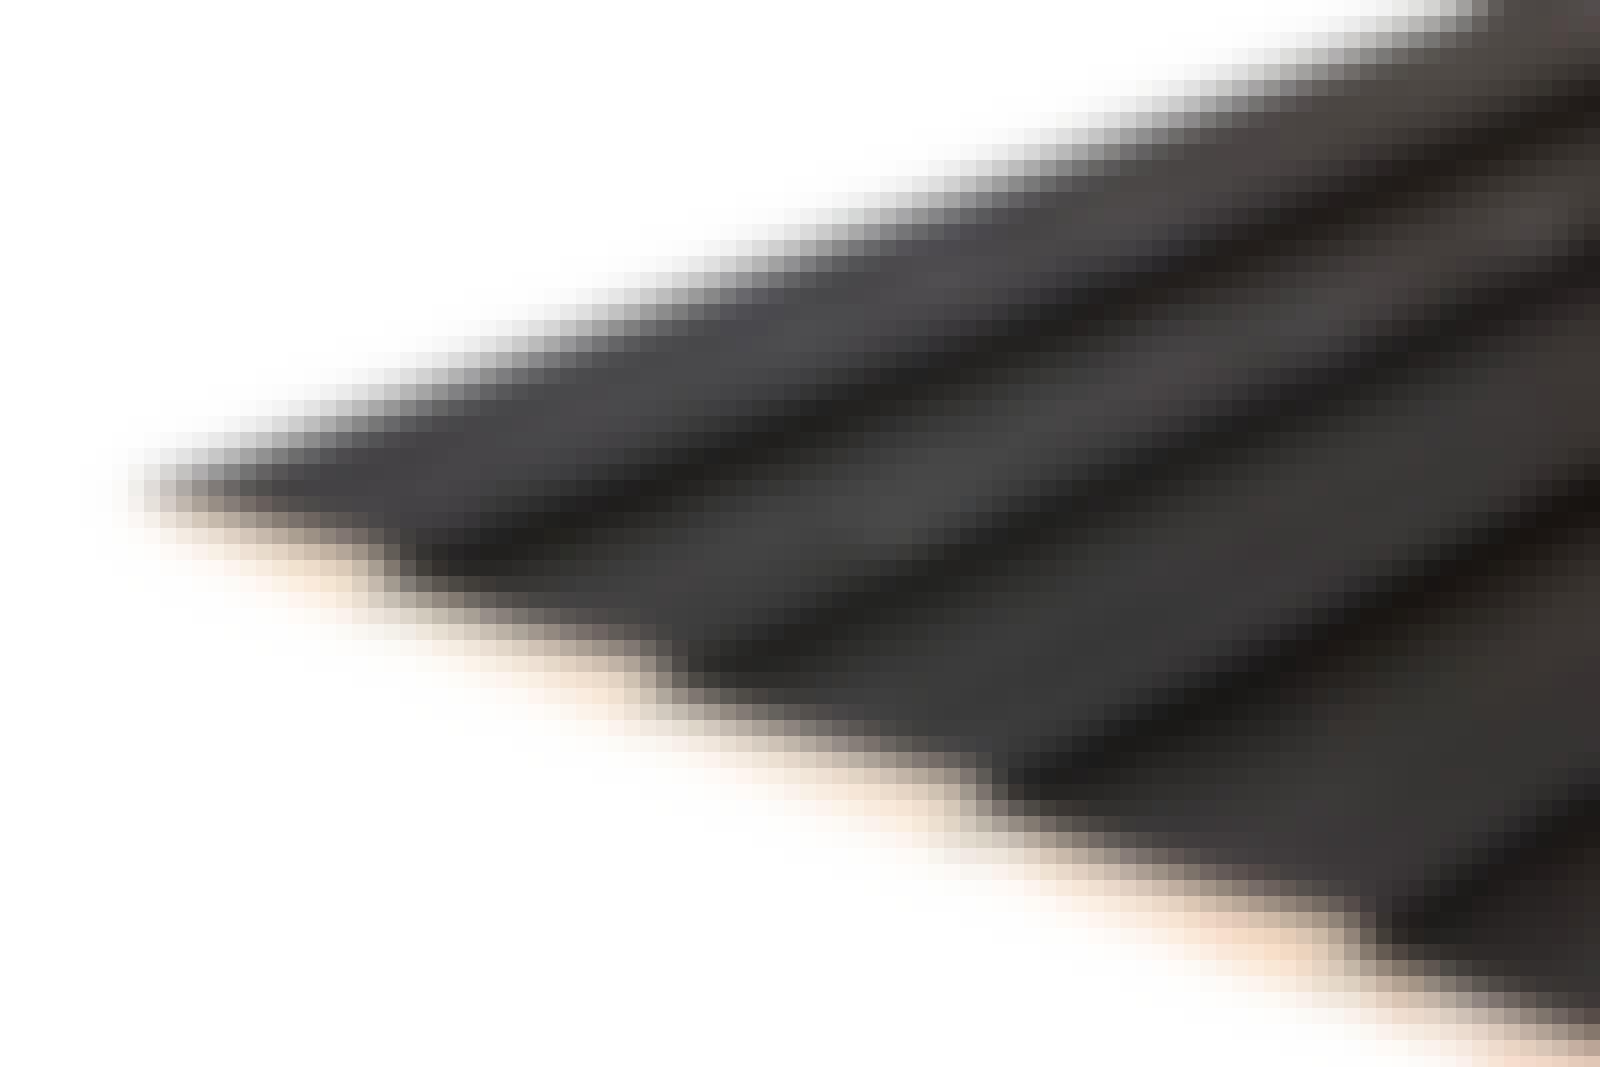 Træbeklædning: Klassiske beklædningsbrædder til en klinkbygget facade. Beklædningsbrædderne samles med fer og not, og de enkelte brædder har en skrå forside, så vandet kan løbe af. Brædderne her er formalede.